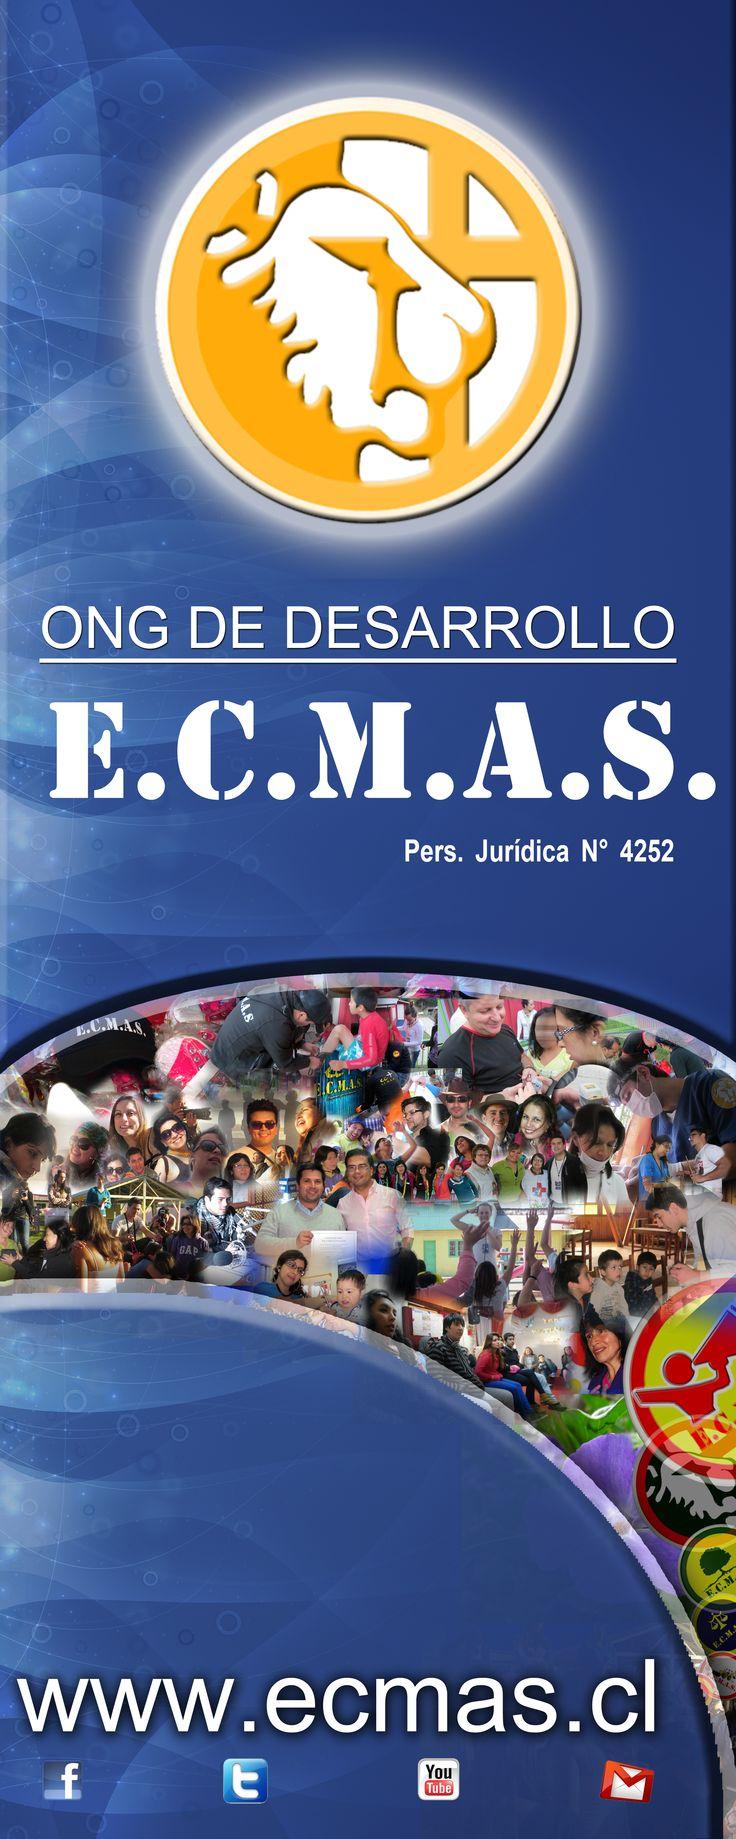 Hola a Todos.... Somos ECMAS, Equipo Cristiano Multidisciplinario de Ayuda Social, que es la definición de nuestra sigla... una ONG Chilena, filantrópica, dedicada a promover al desarrollo de las comunidades que corren en desventaja social, económica y espiritual.  Nos puedes contactar al mail: ong.ecmas@gmail.com y en Chile a los teléfonos +5686062203 y +56229854541 u obtener información en www.ecmas.cl